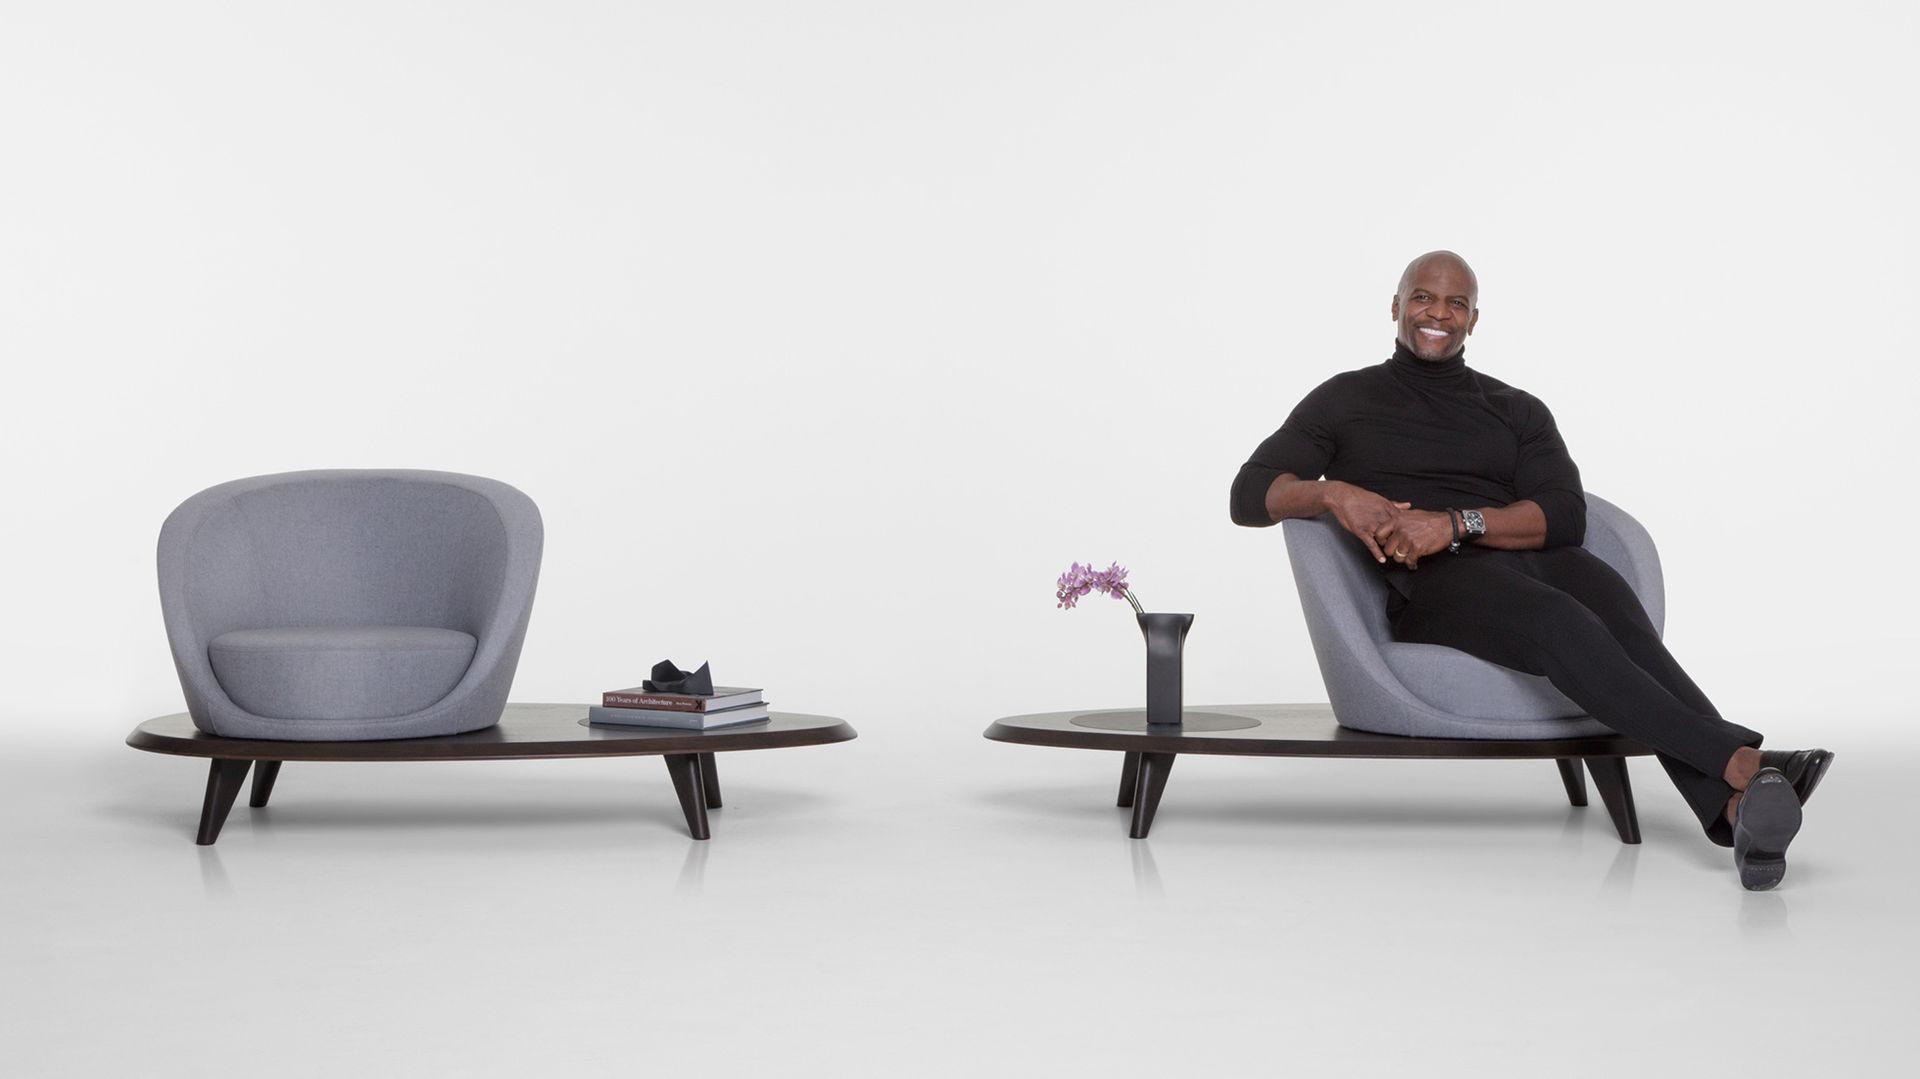 Terry Crews har tagit fram en ny typ av stol